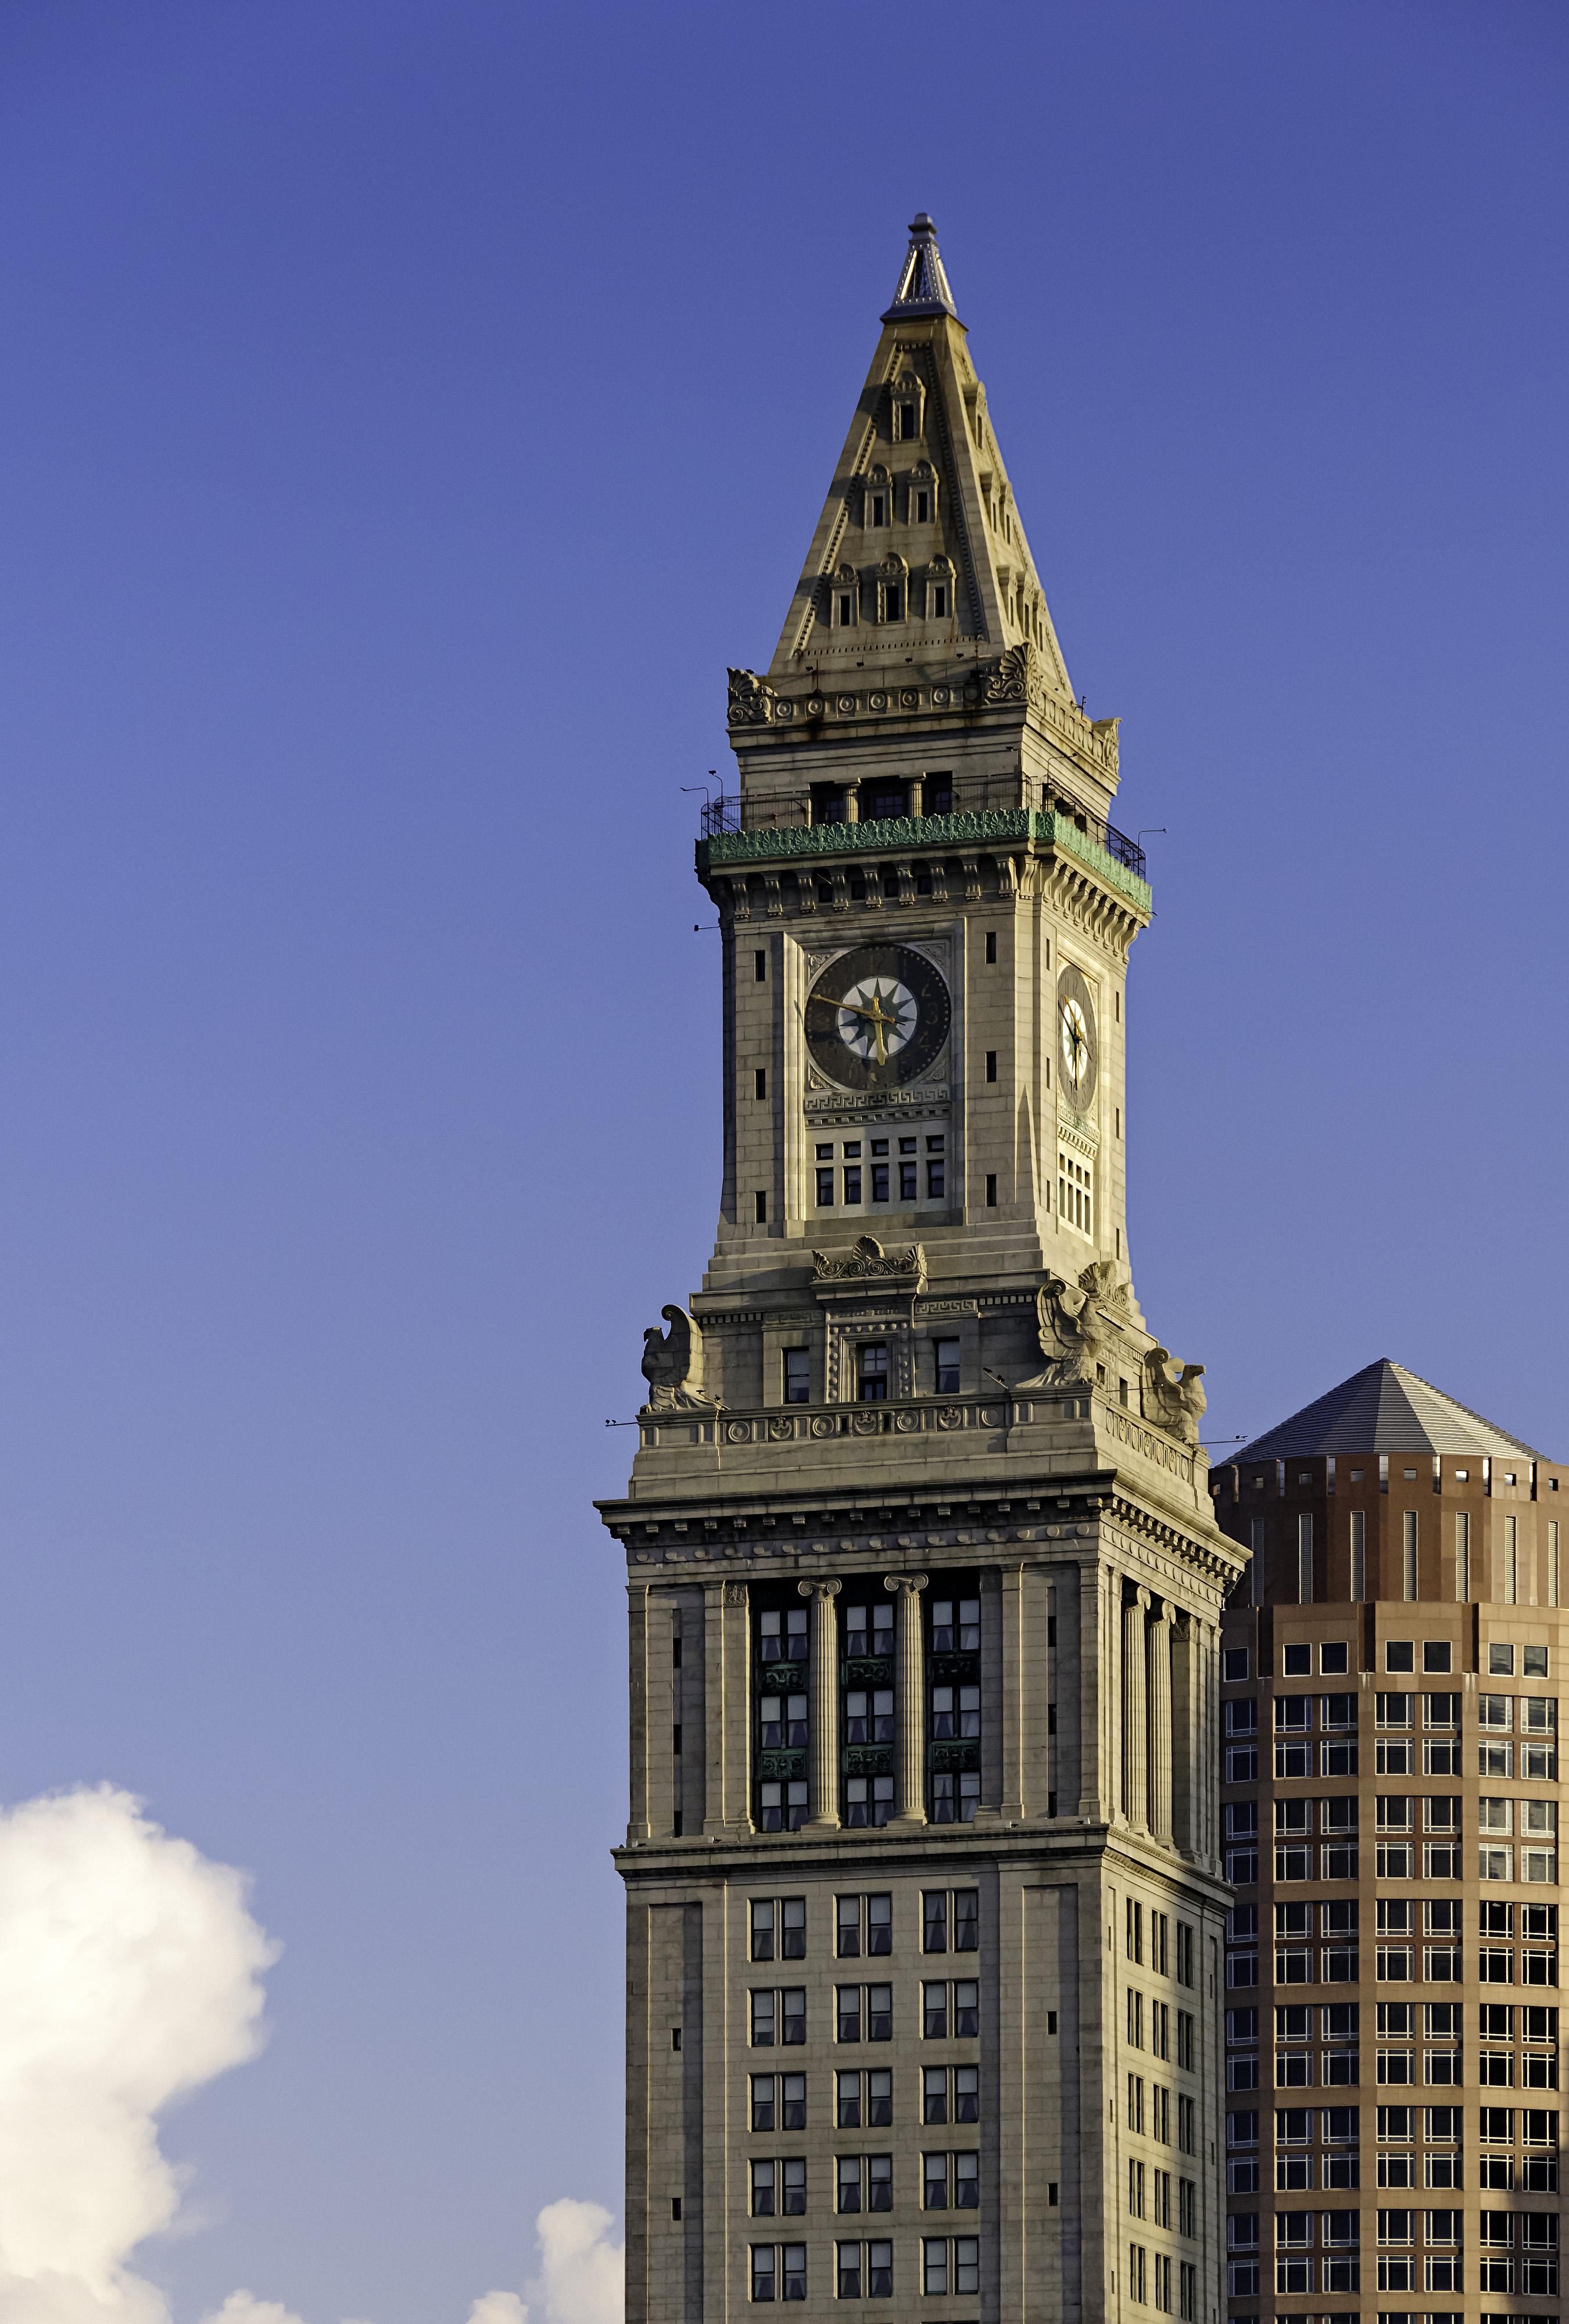 ... 100th Anniversary Of The Custom House S Clock Tower Massachusetts